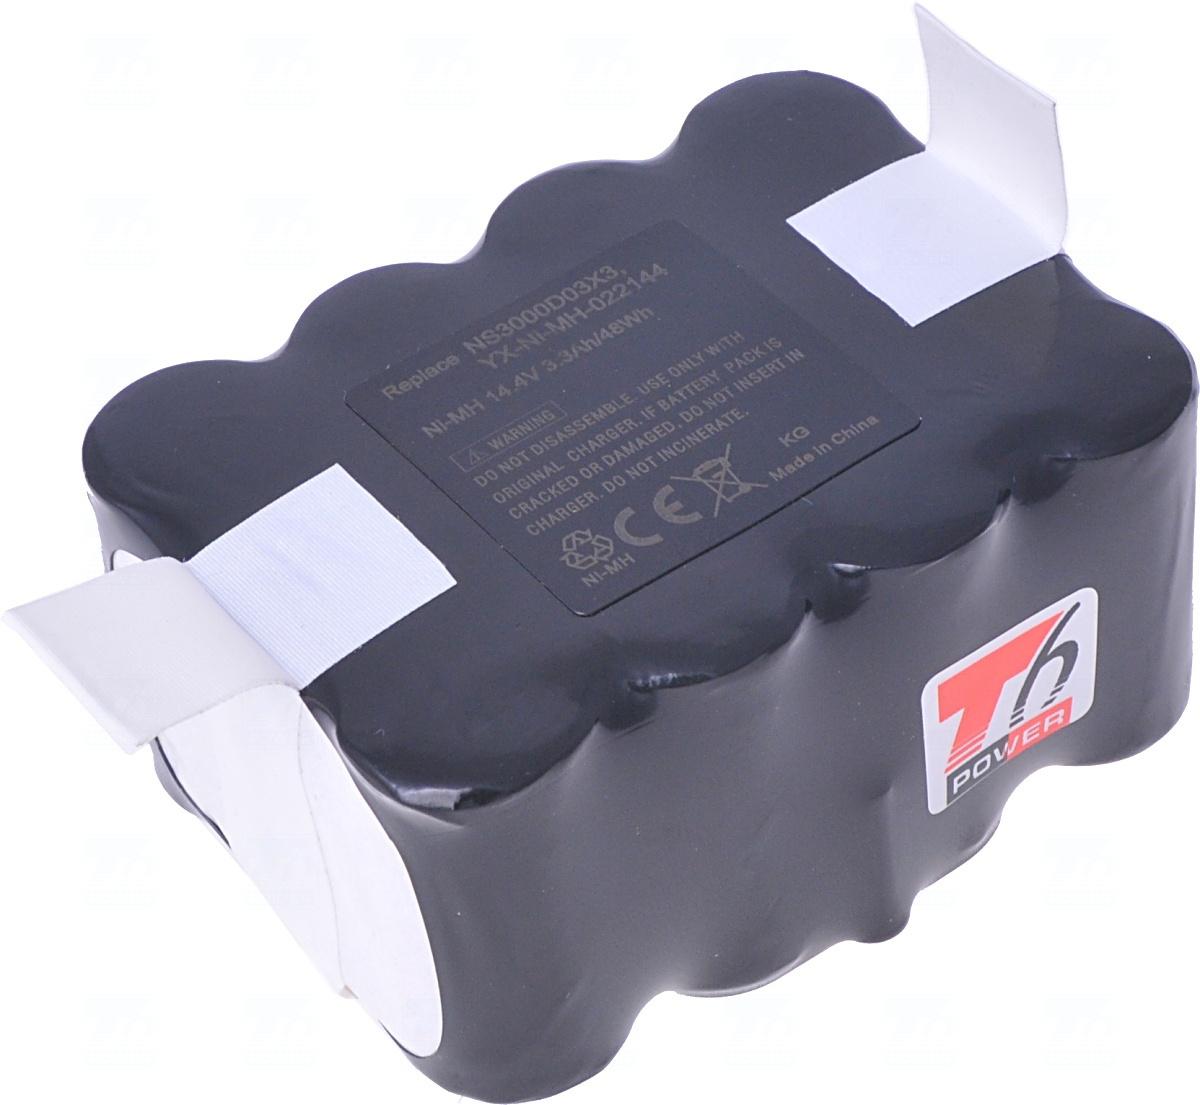 Baterie T6 power NS3000D03X3, YX-Ni-MH-022144